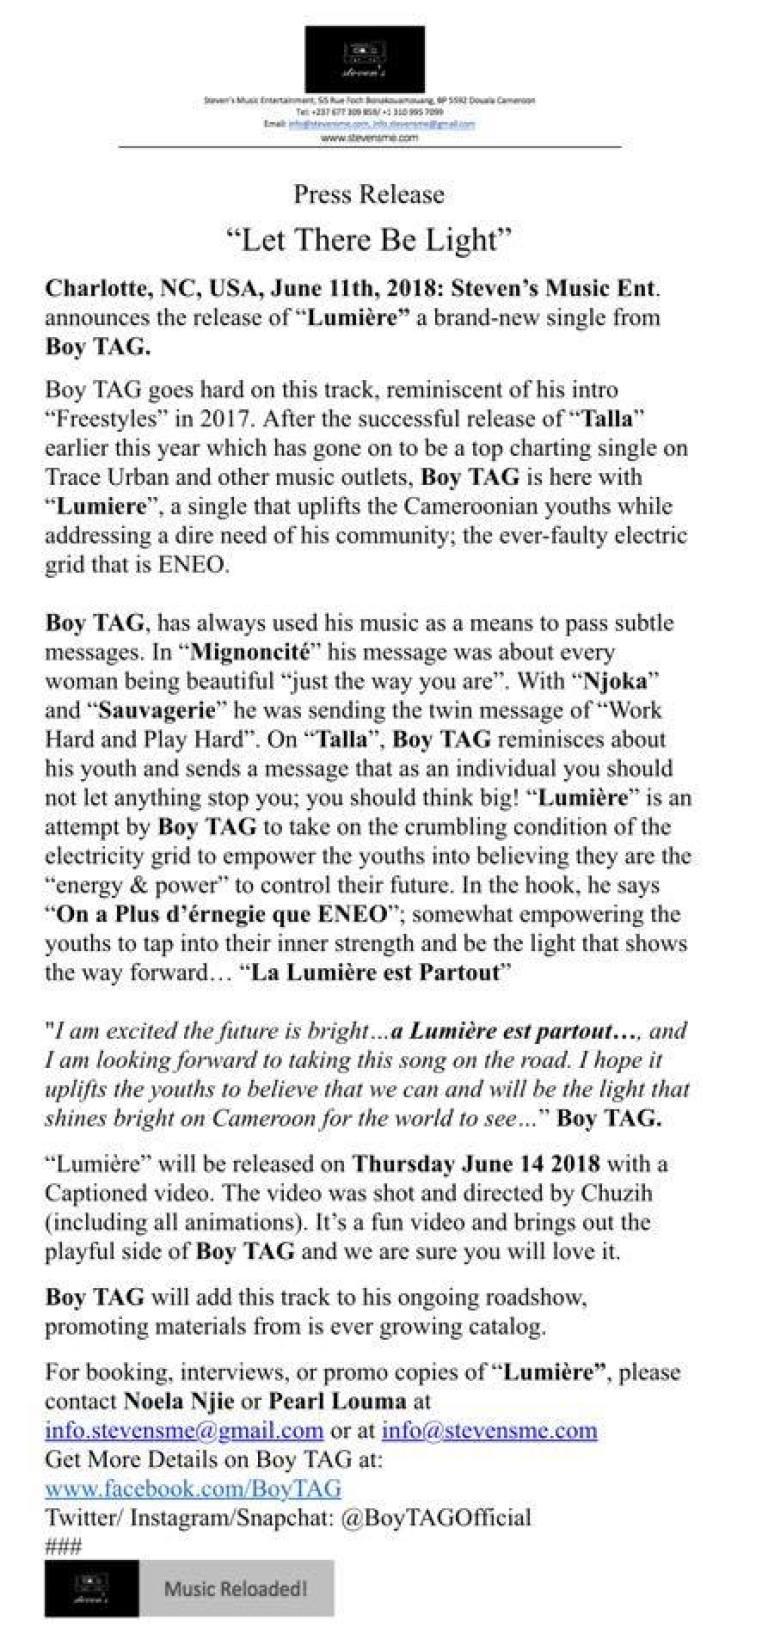 Stevens Music Press Release